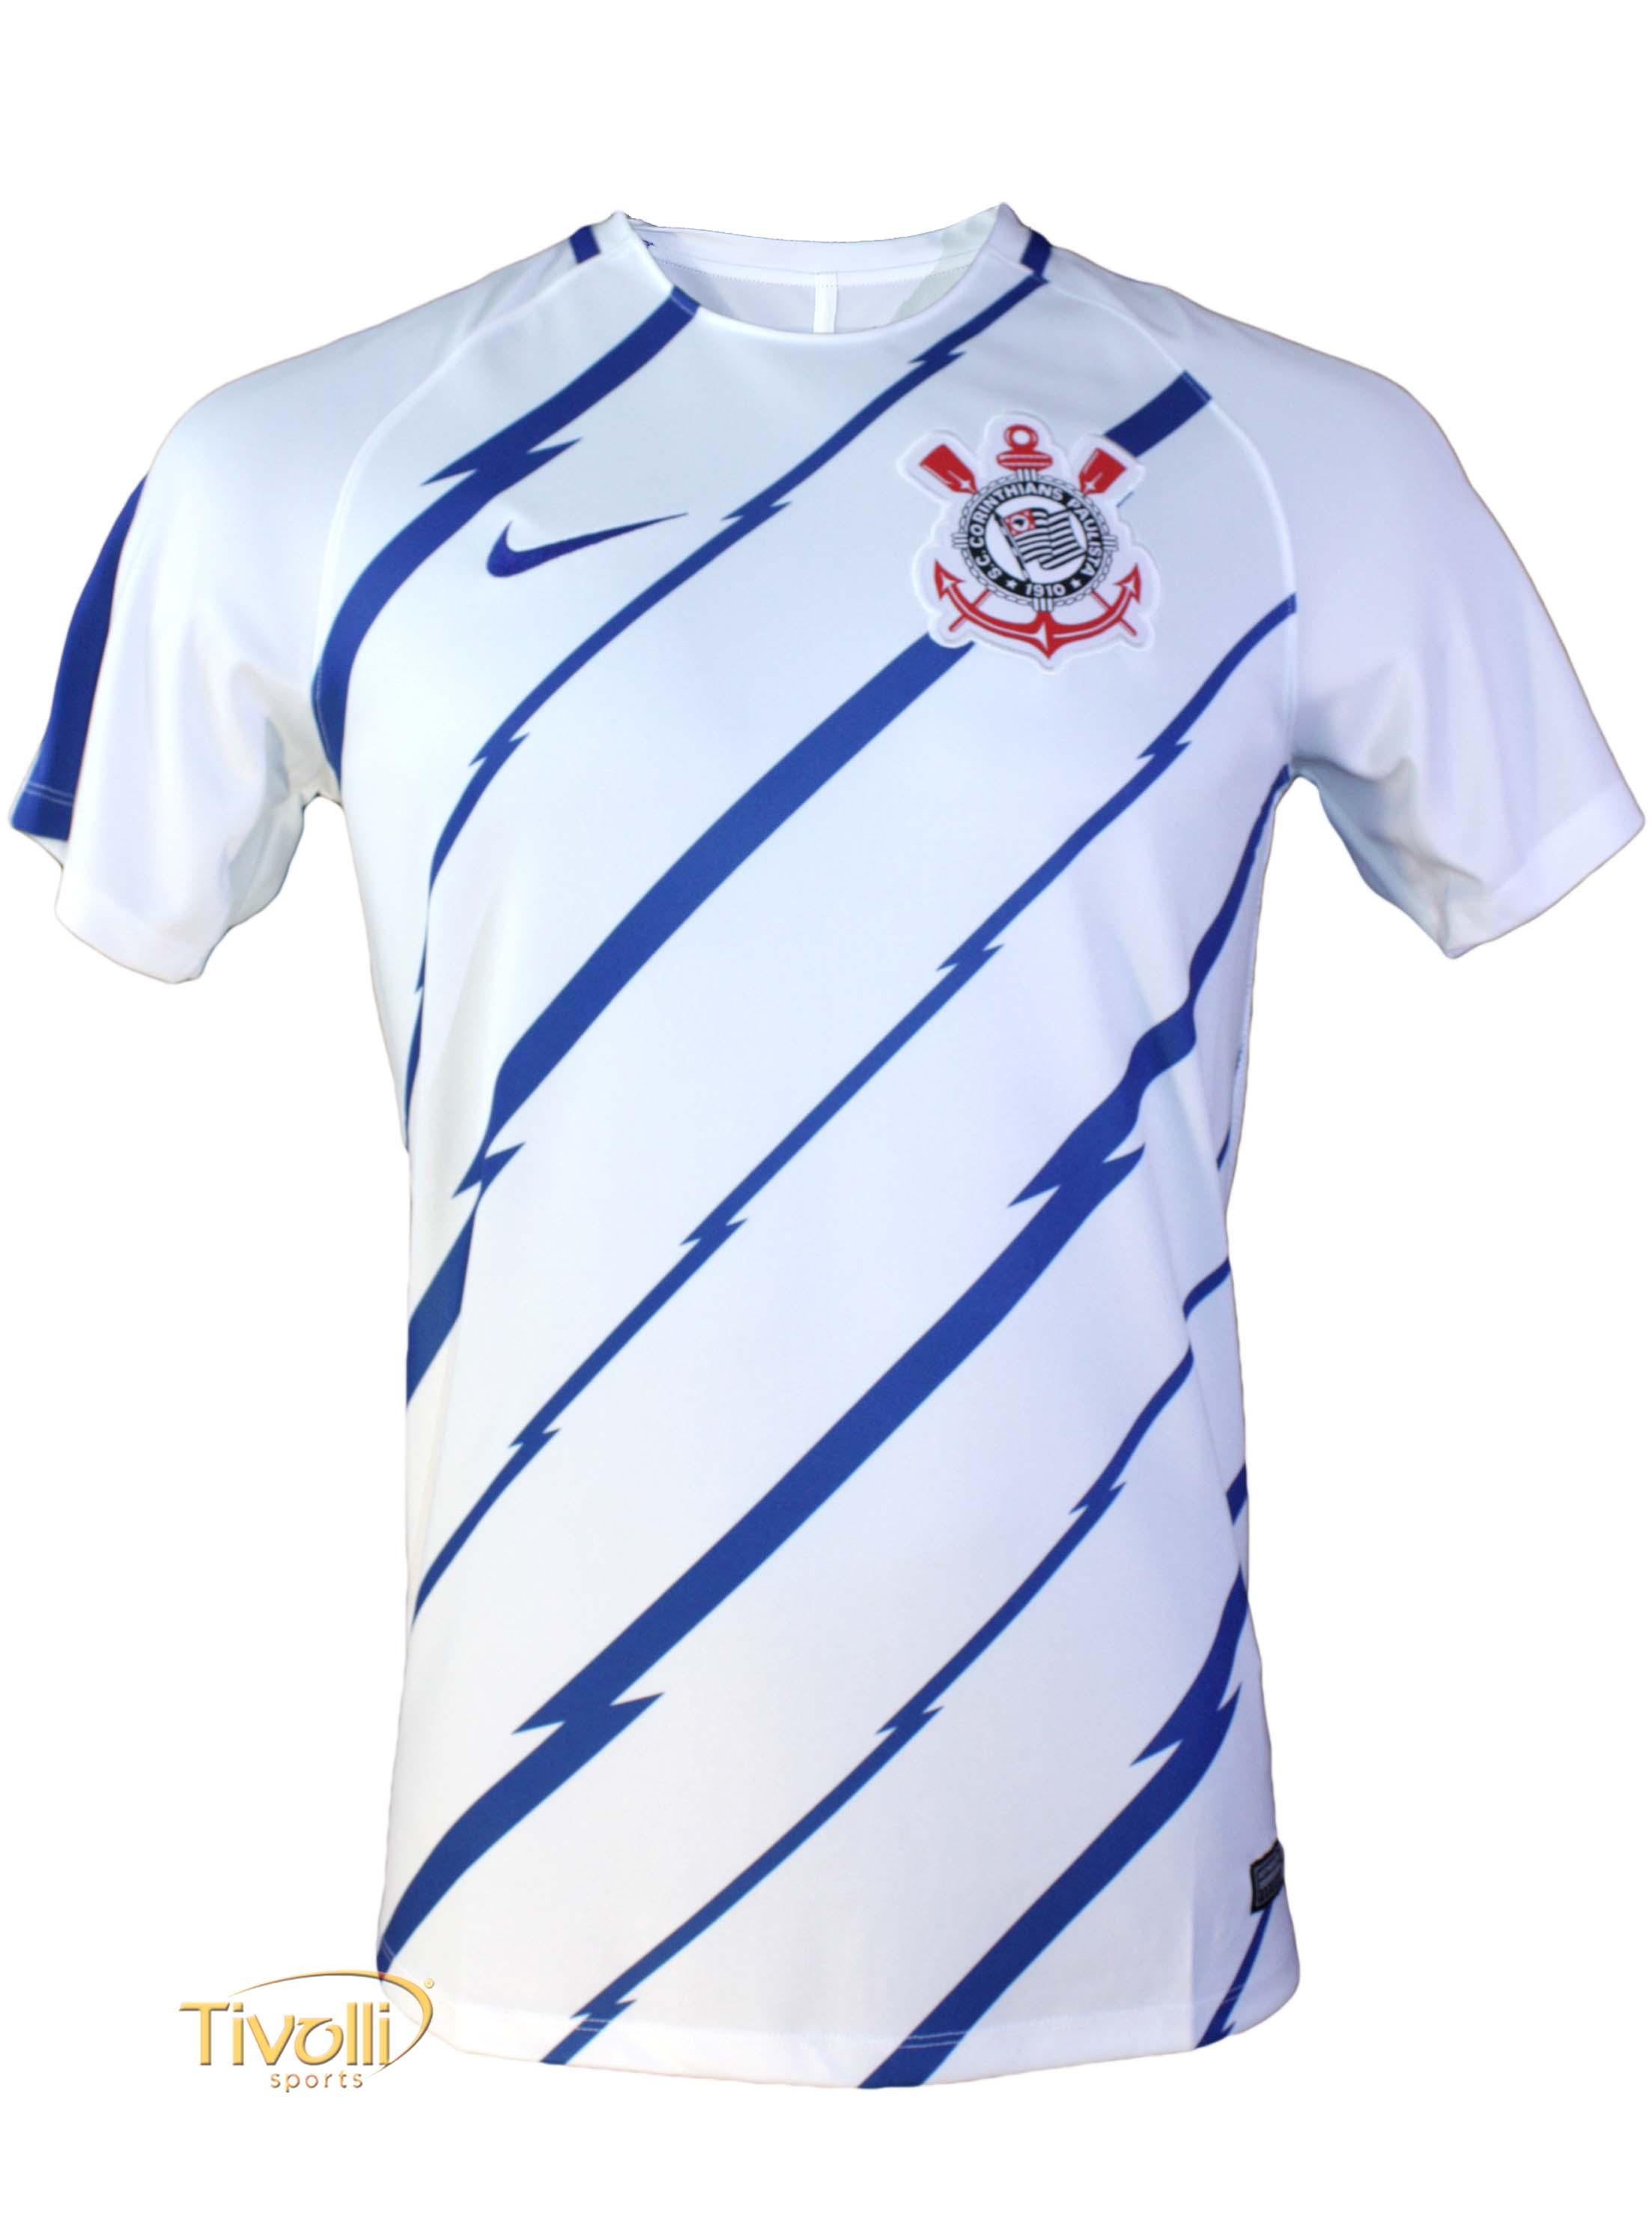 Camiseta Nike Breathe Top SS Squad S.C. Corinthians Pré Jogo 2017 Branca e  Azul 59a0ab6cf63a9